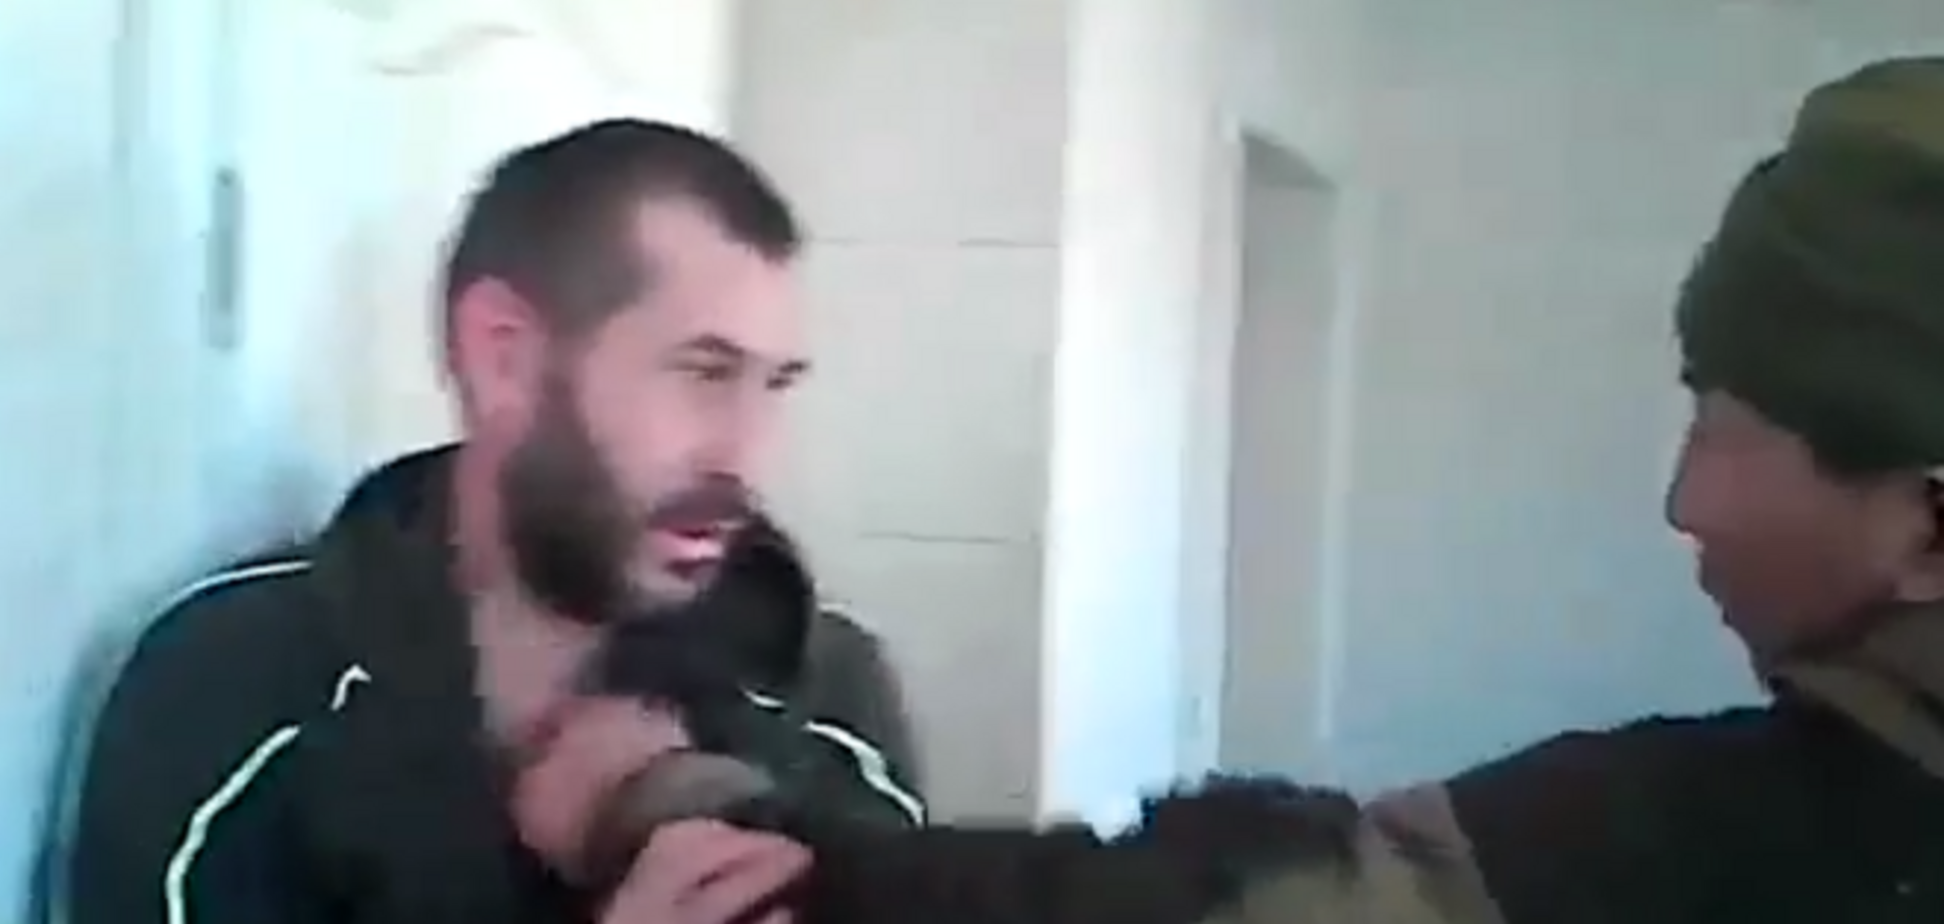 'Убегал, говорю, убегал?'. В сети показали избиение дезертира 'ДНР': видеофакт